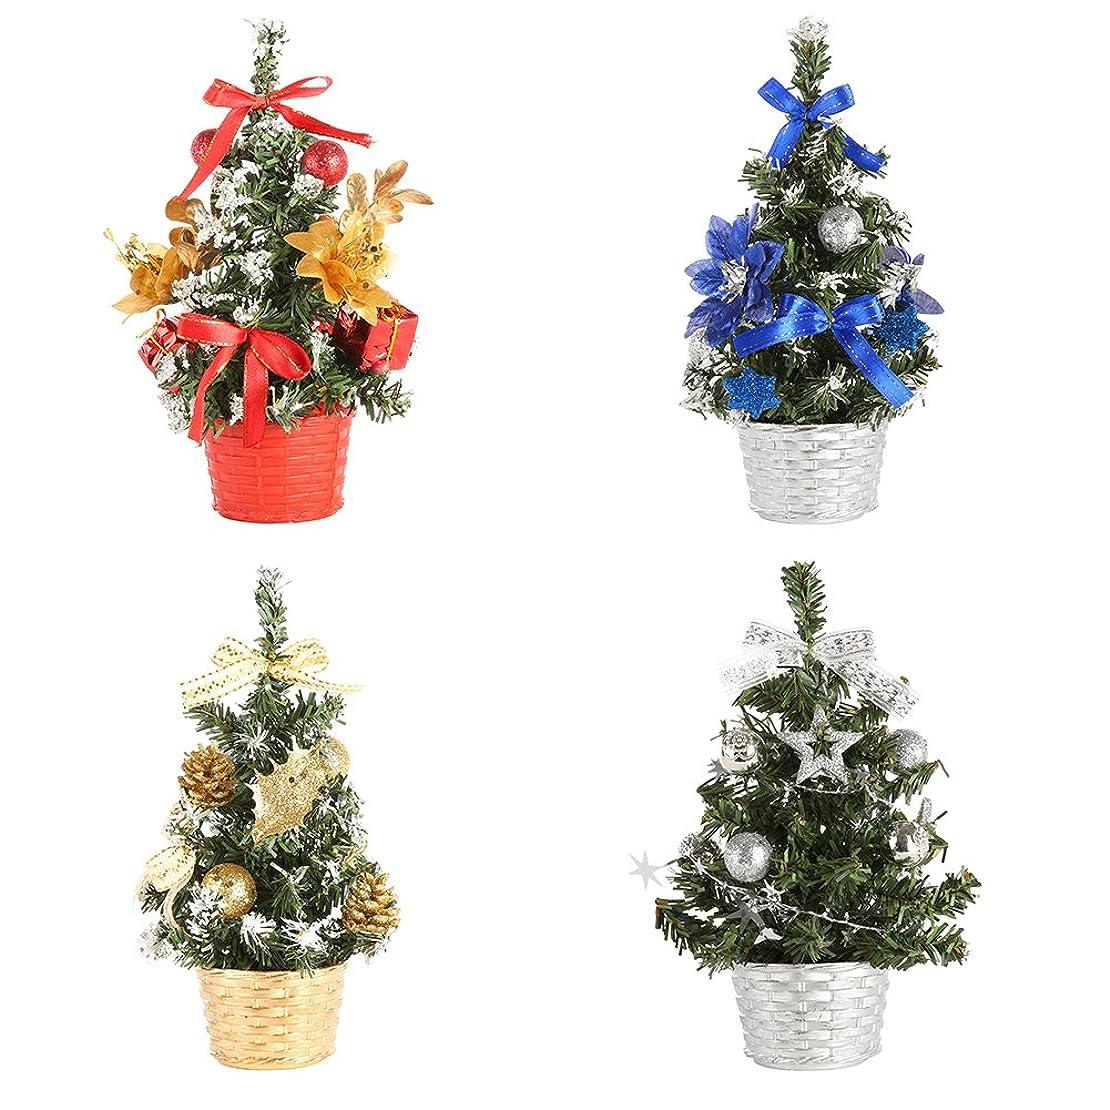 集中的な手当ピジンBOBORA クリスマス ツリー セット おしゃれ 小道具 装飾 飾り 玄関に ミニ 卓上ツリー テーブル オーナメント インテリア デコレーション プレゼント 贈り物 20cm (シルバー、レッド、ブルー、ゴールド) 4個